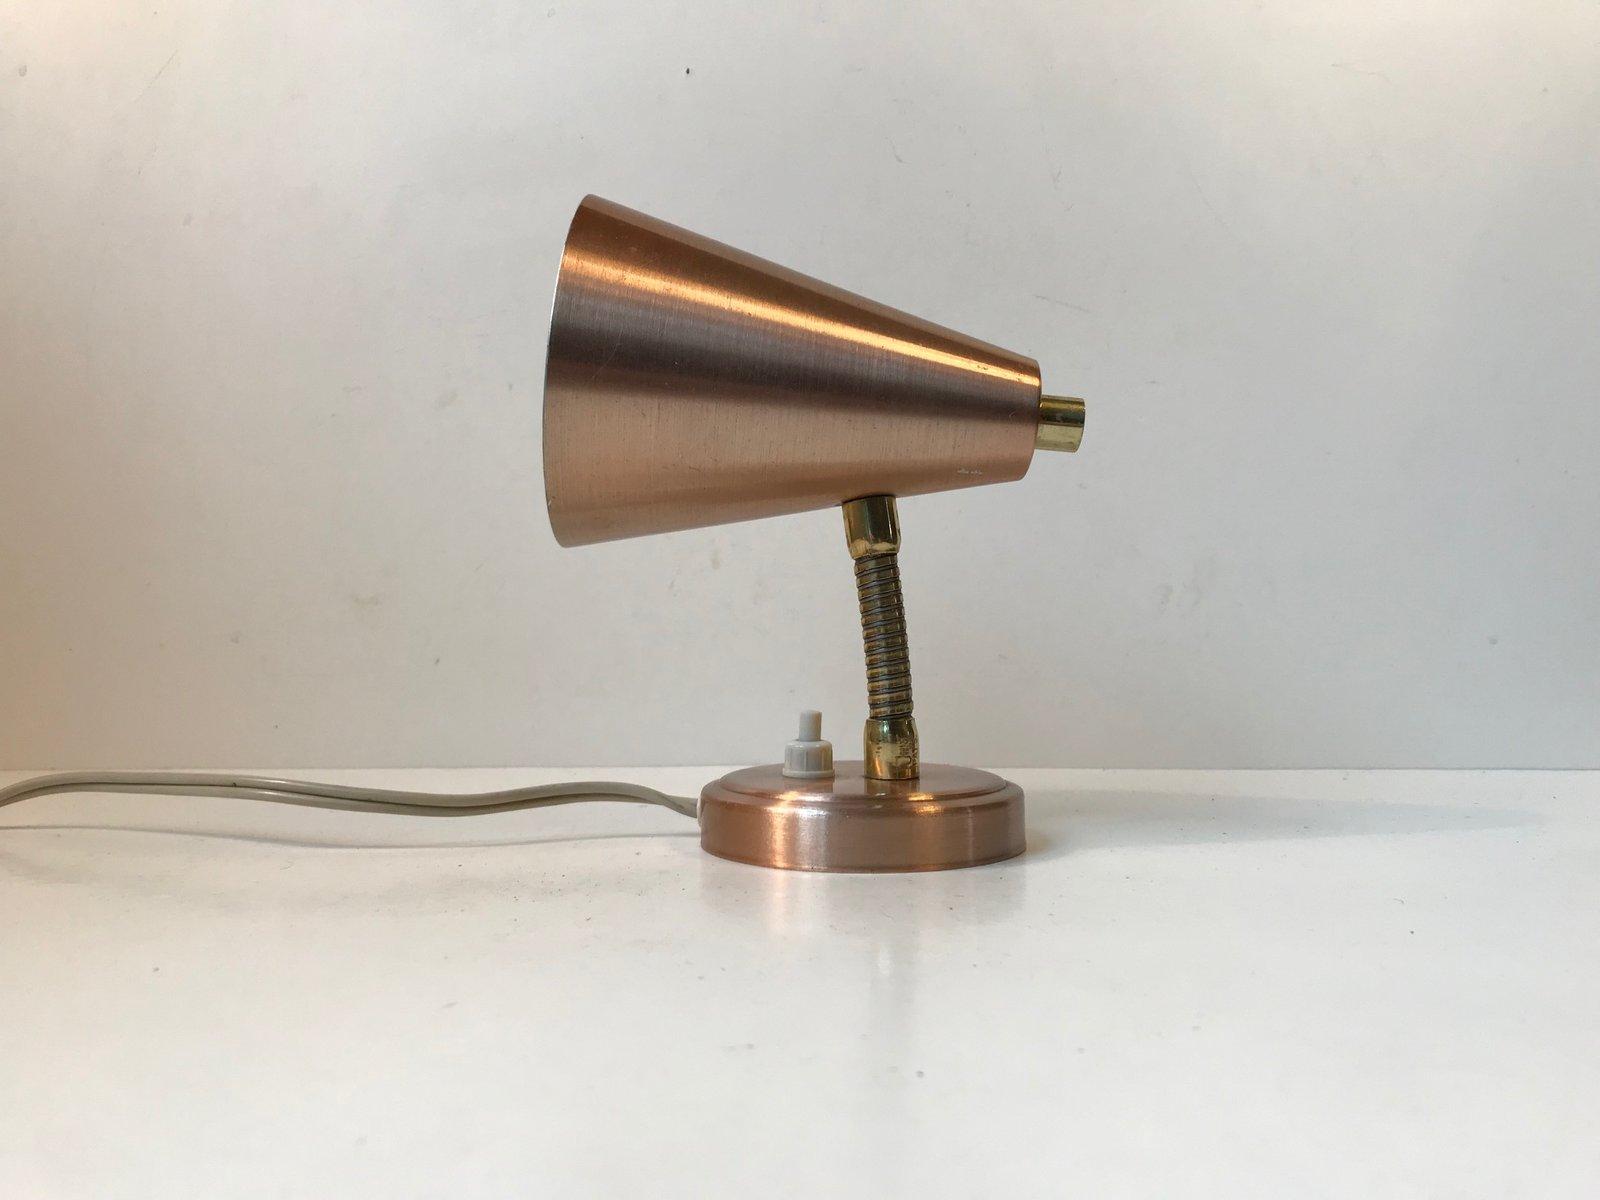 Mid-Century Wandlampe aus Kupfer & Messing von E.S. Horn, 1960er